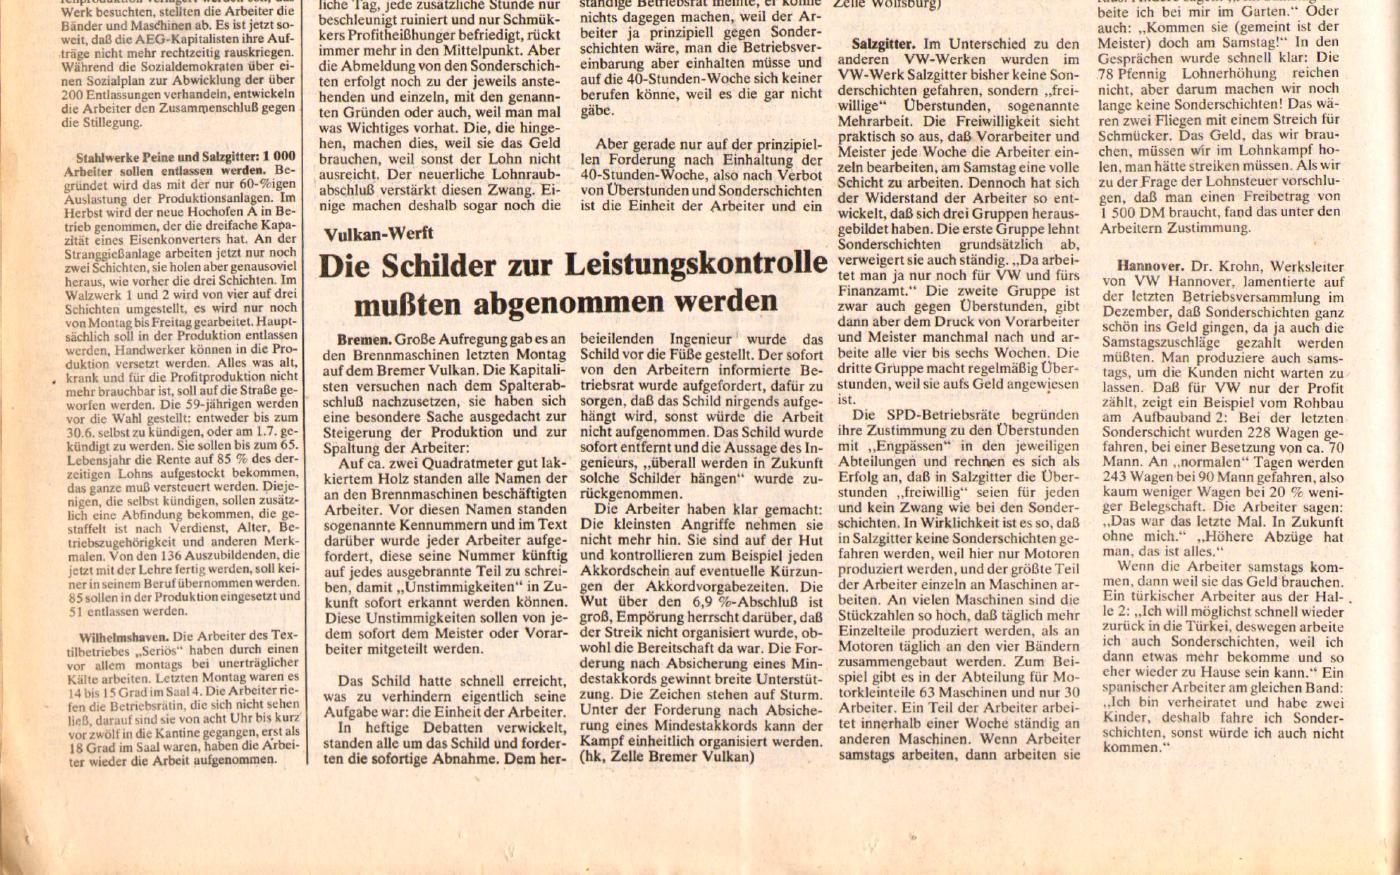 KVZ_Nord_1977_09_12